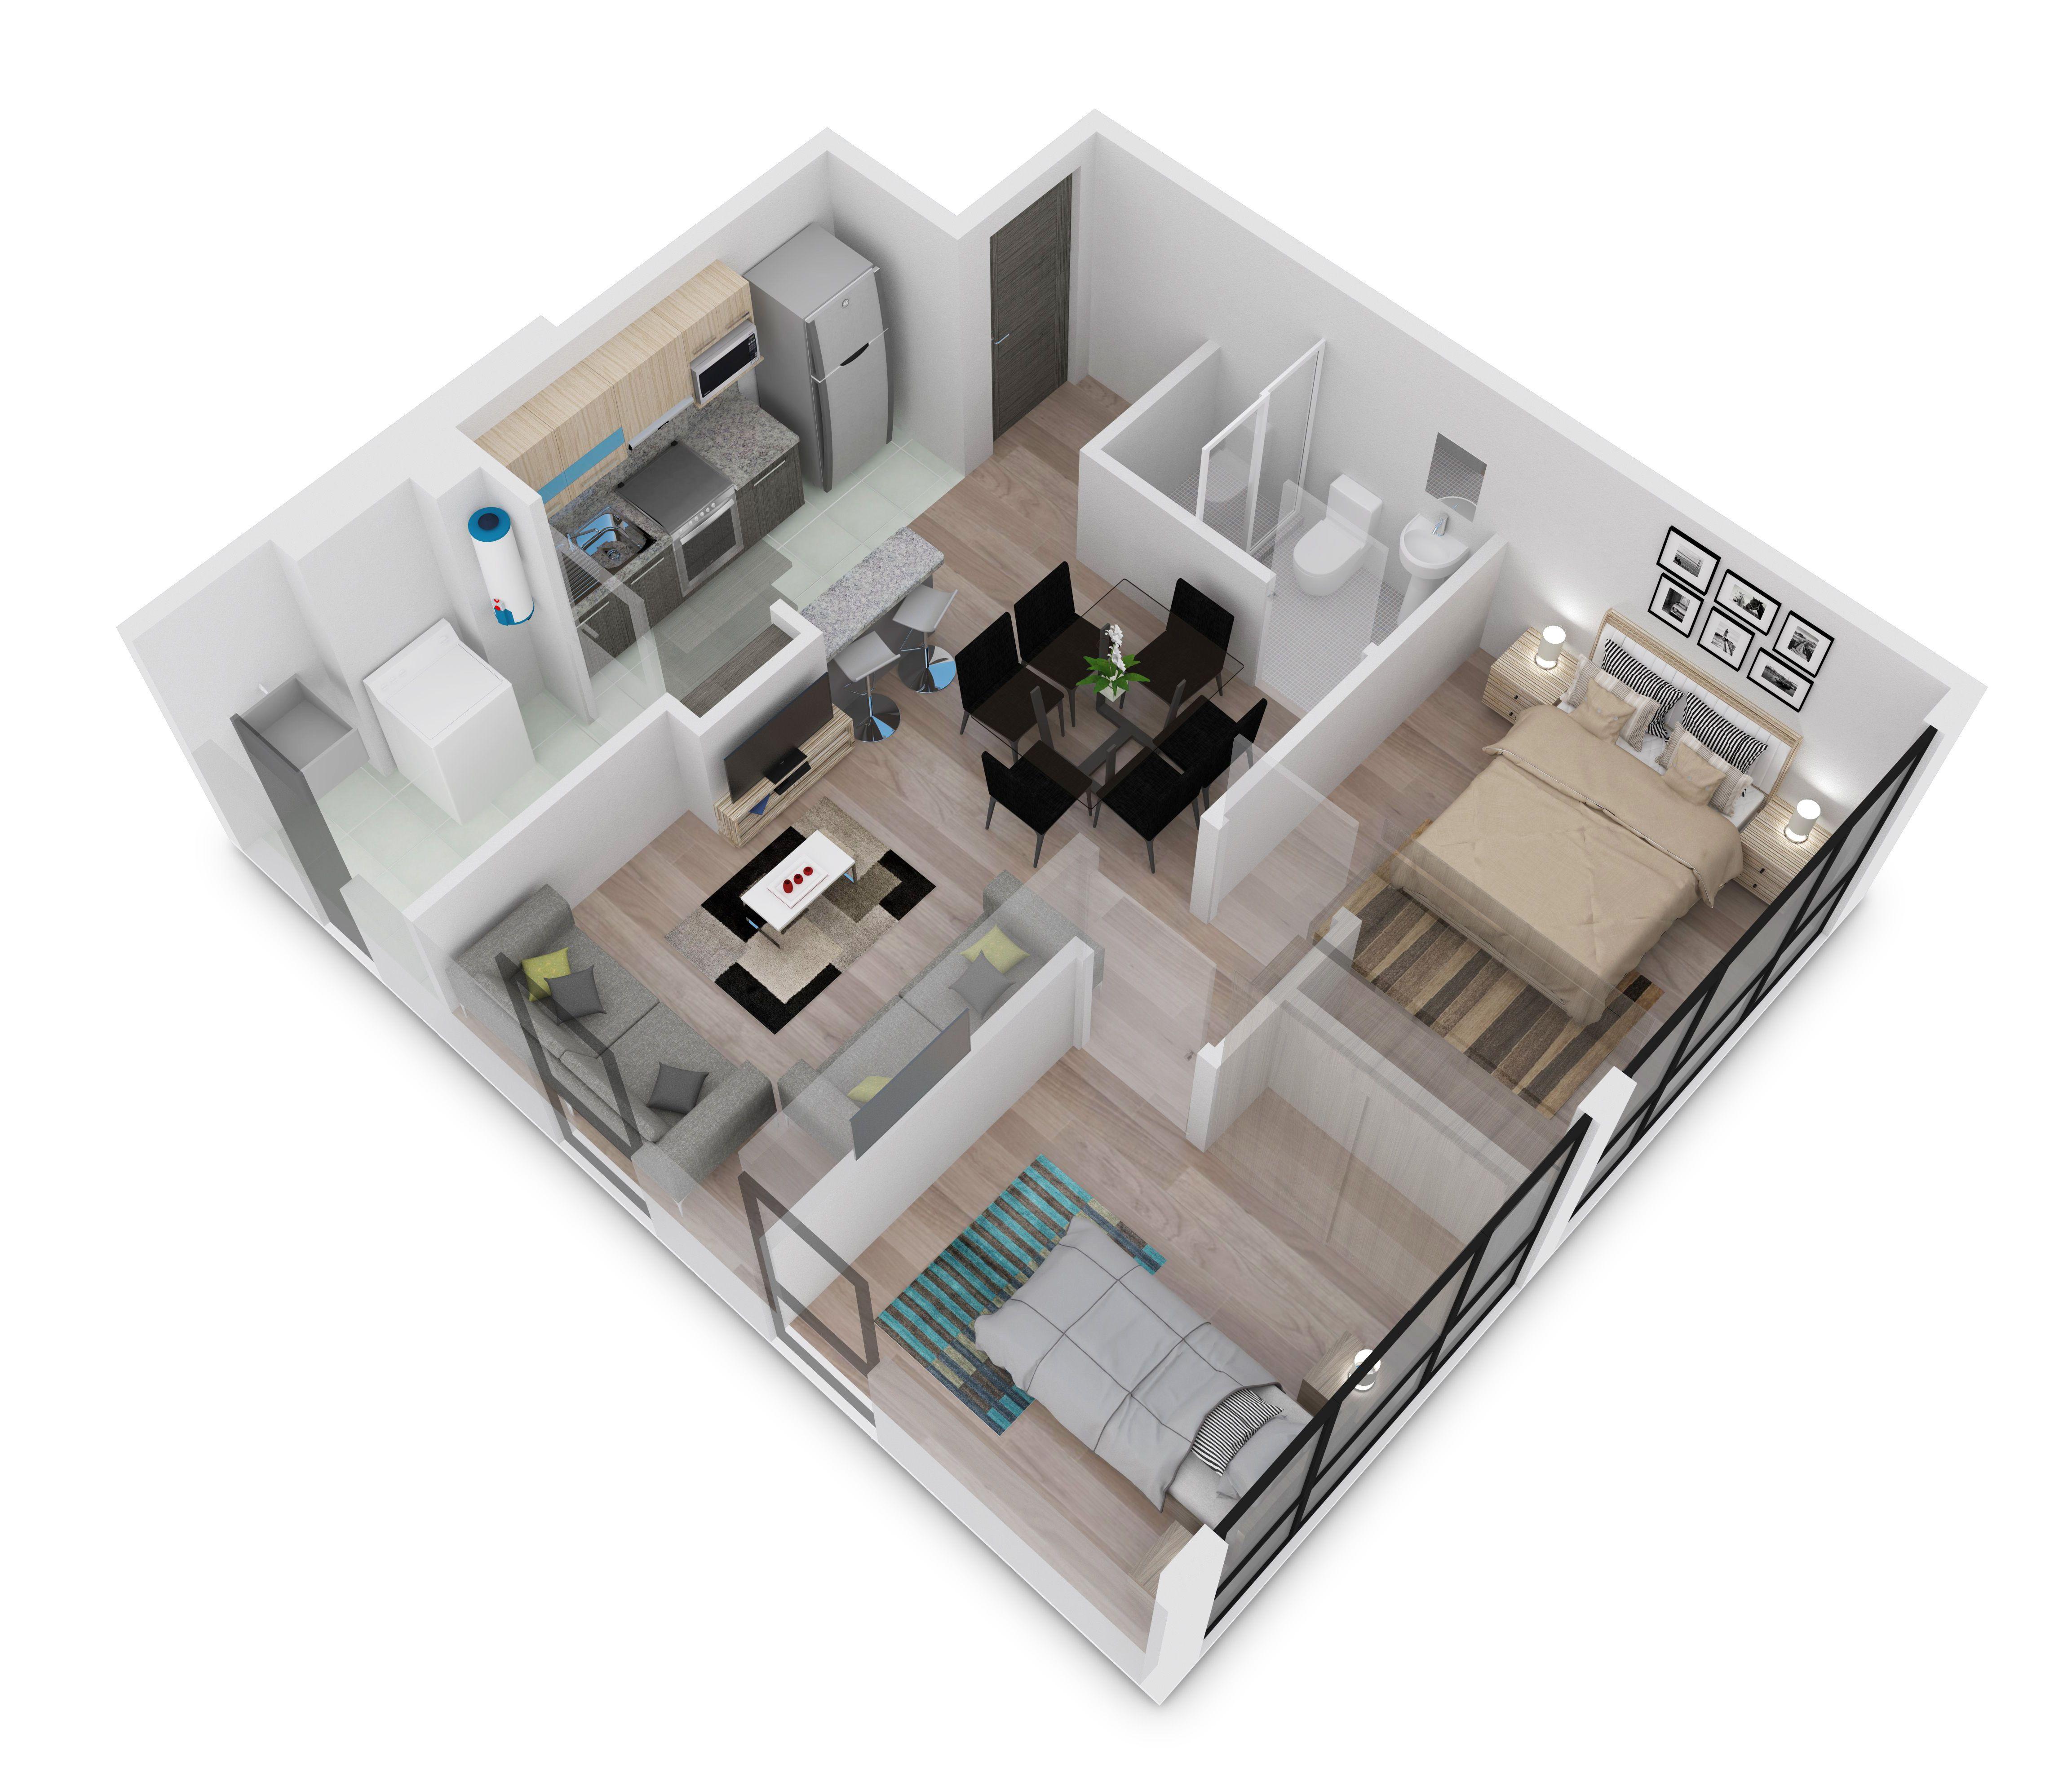 Prototipo prestige de 55 mt2 2 rec maras 1 ba o completo for Que altura de piso es mejor para vivir